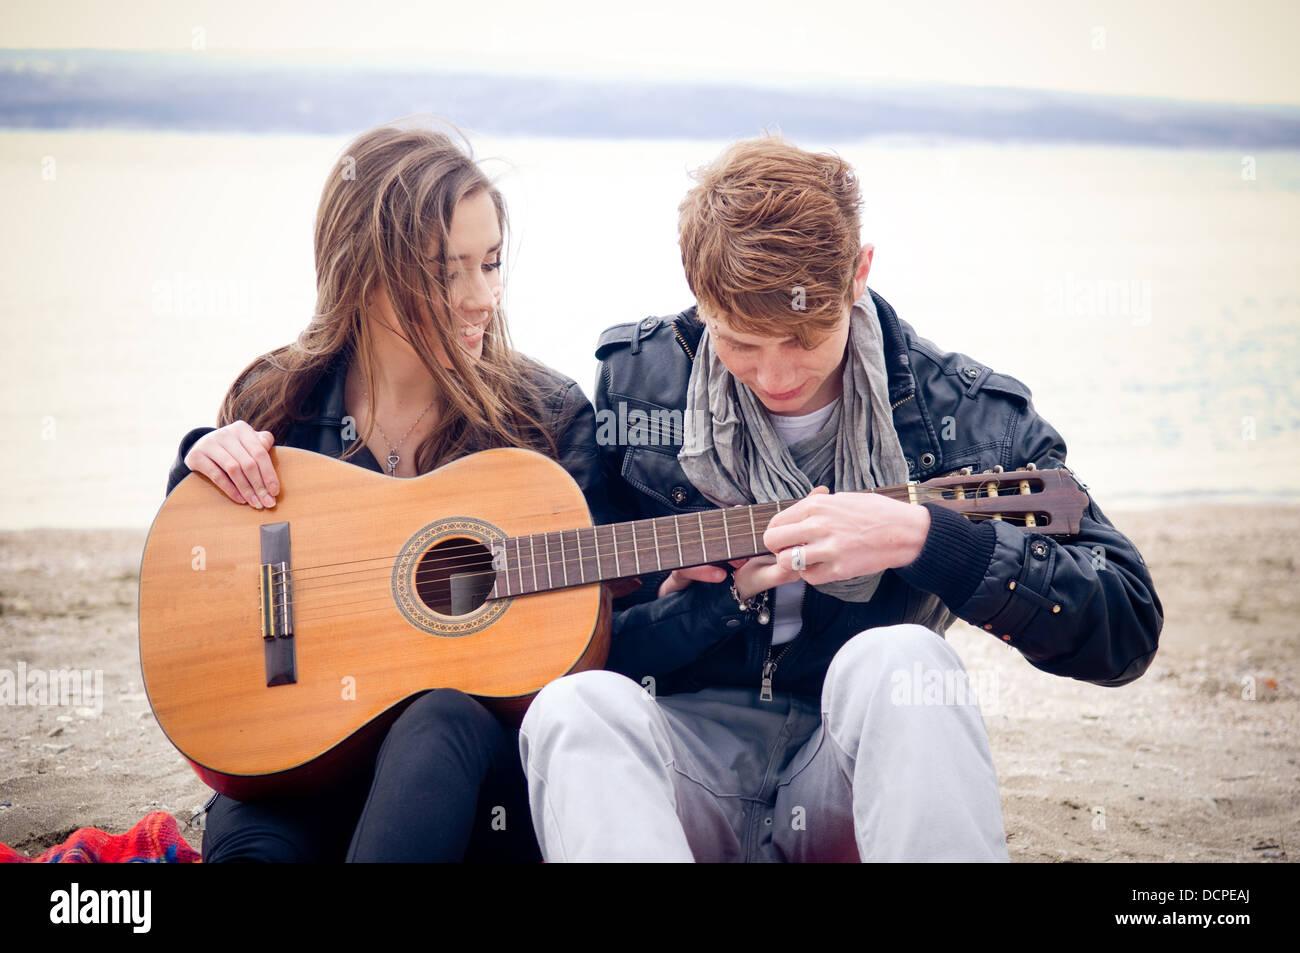 Joven con guitarra acústica y su novio en el Bach Imagen De Stock